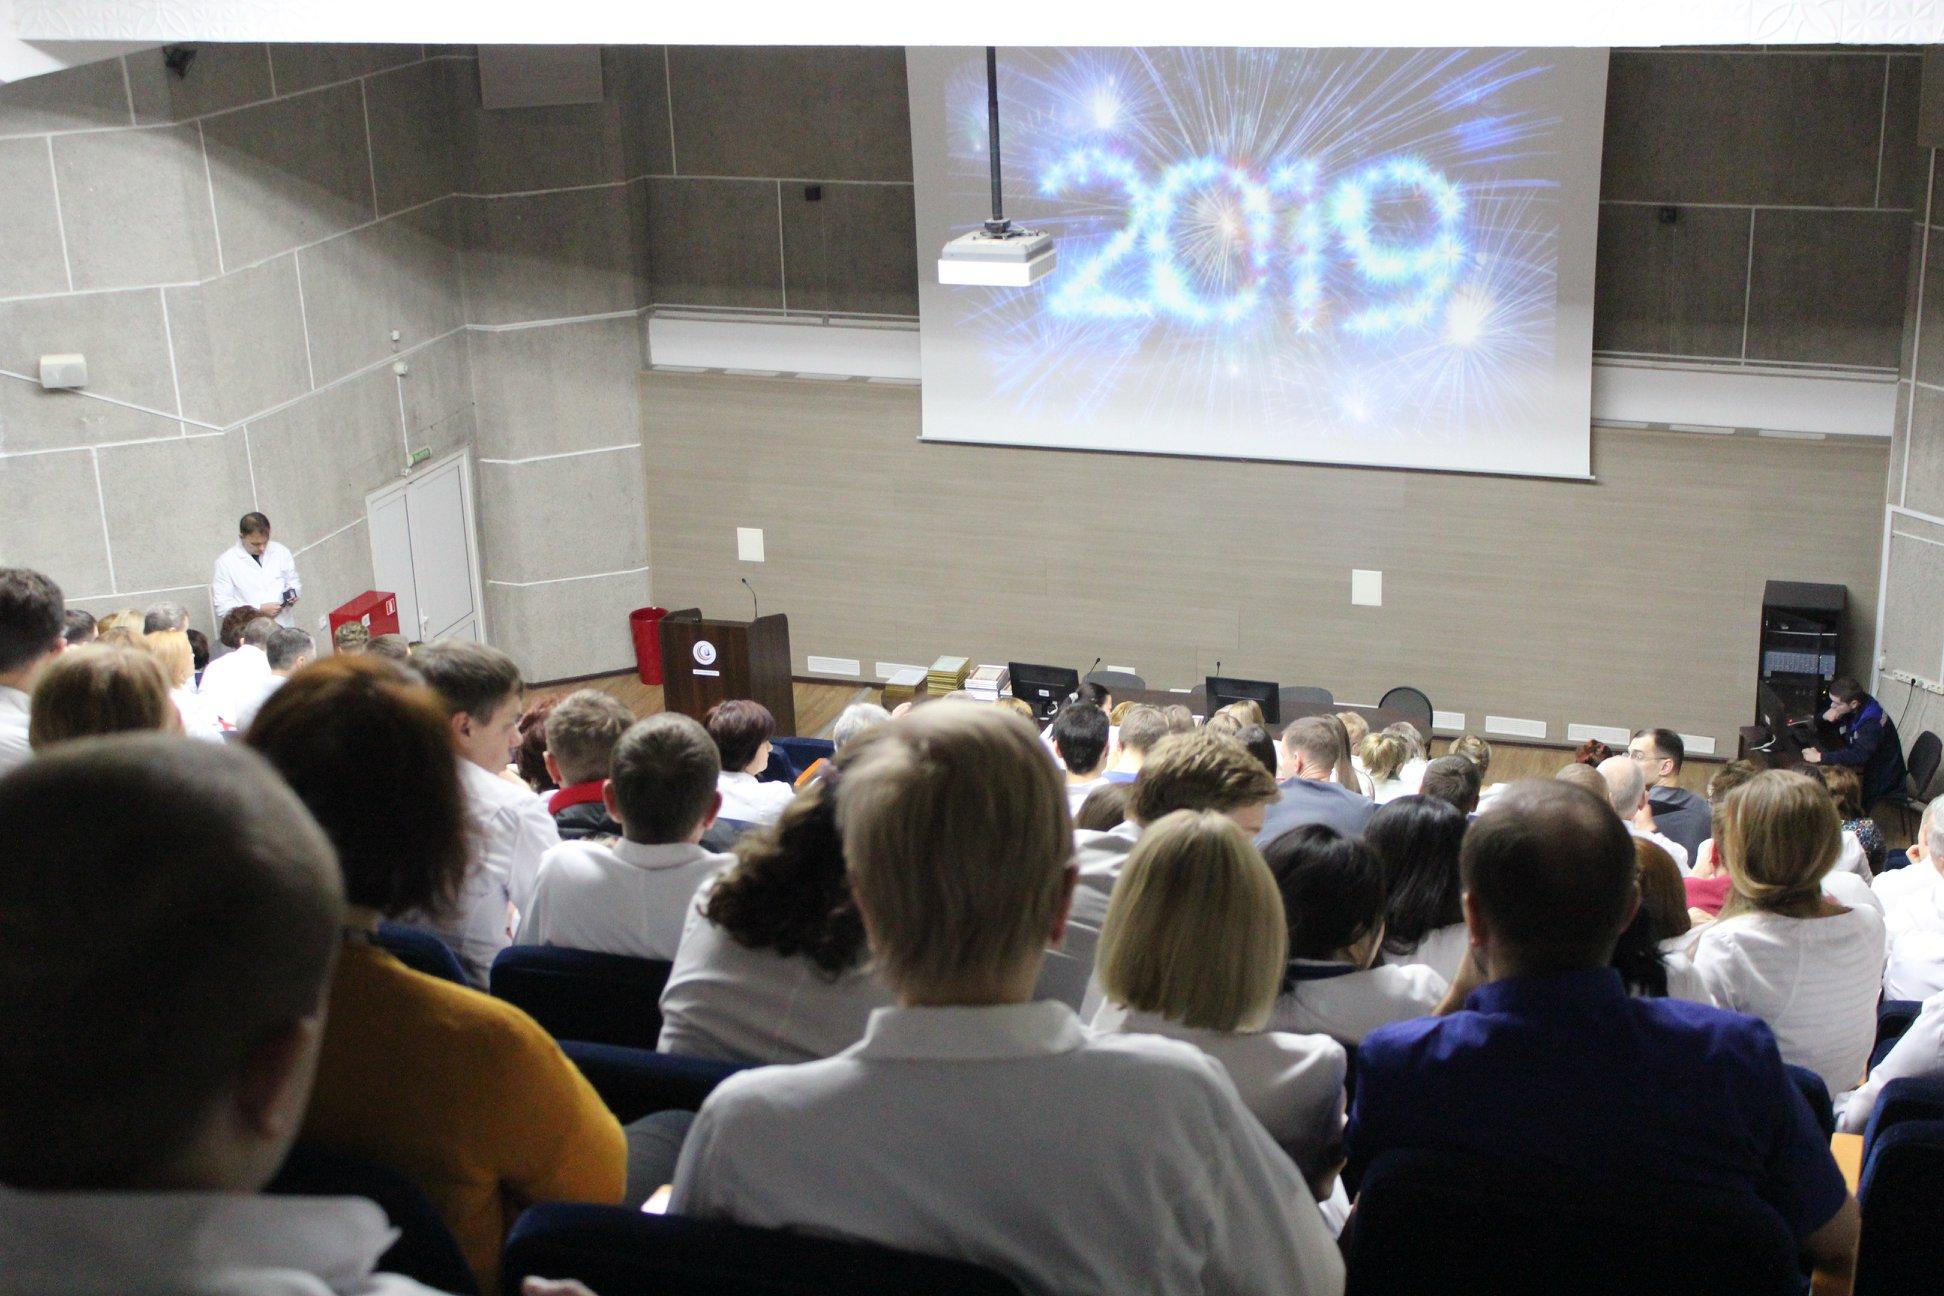 Министр здравоохранения Иркутской области Олег Ярошенко поздравил коллектив Иркутской ордена «Знак Почета» областной клинической больницы с наступающим Новым годом.  Глава здравоохранения региона отметил, что Иркутская областная клиническая больница …